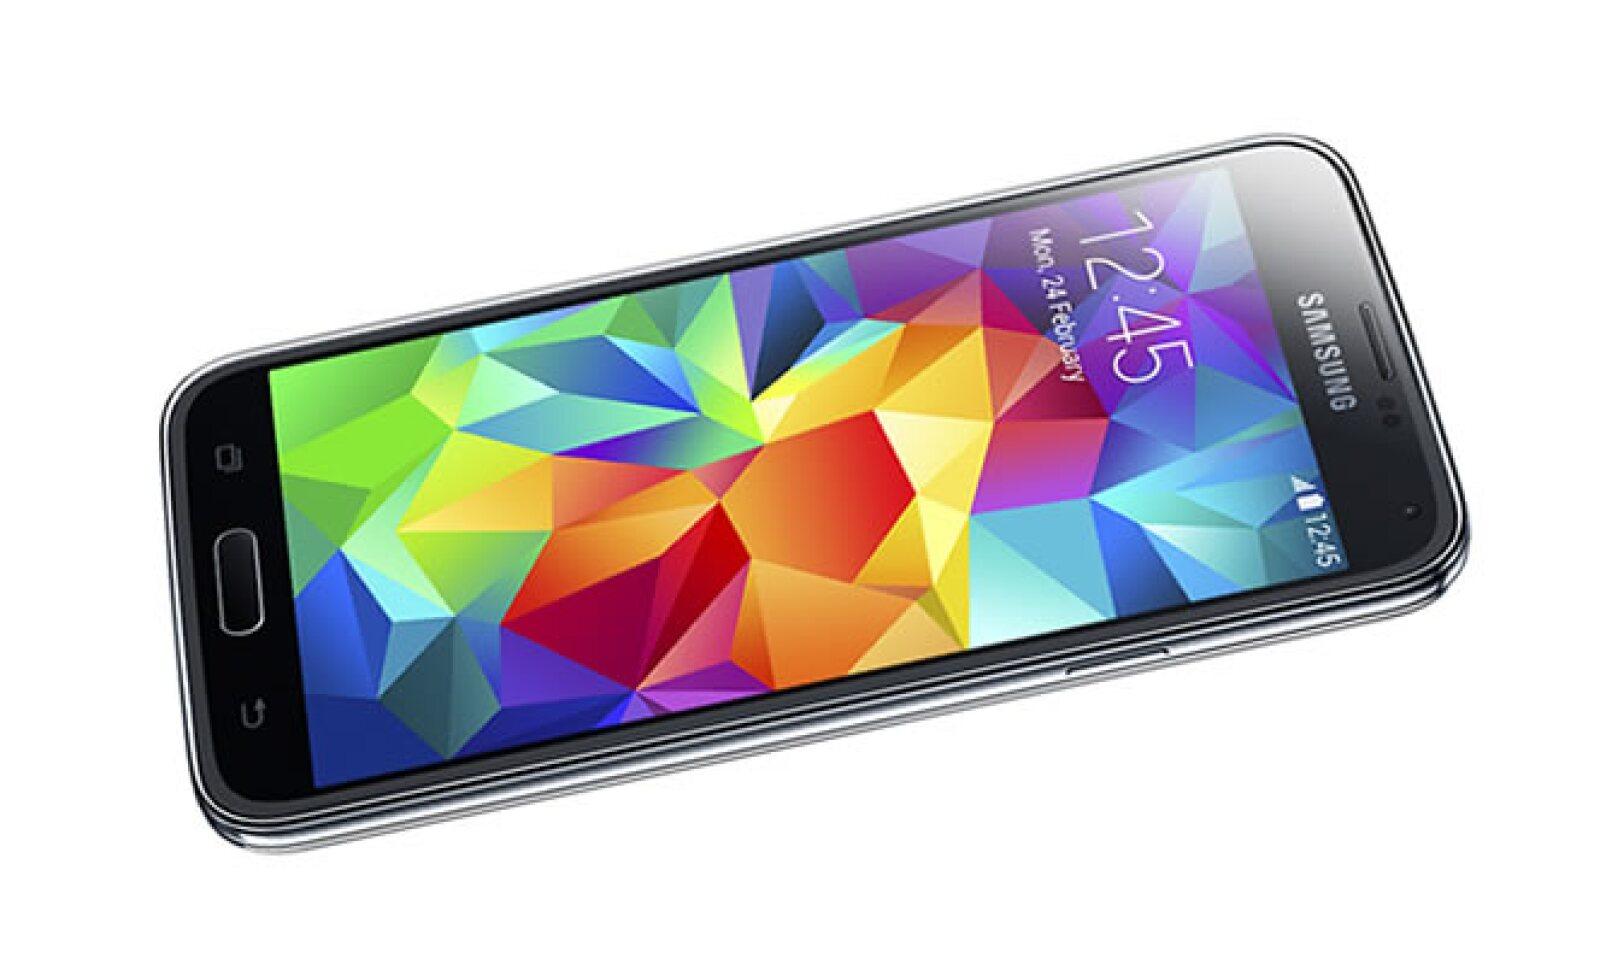 El móvil tiene una memoria RAM de 2 GB e interna de 16 y hasta 32 GB, aunque cuenta ranura microSD para hasta 64 GB.